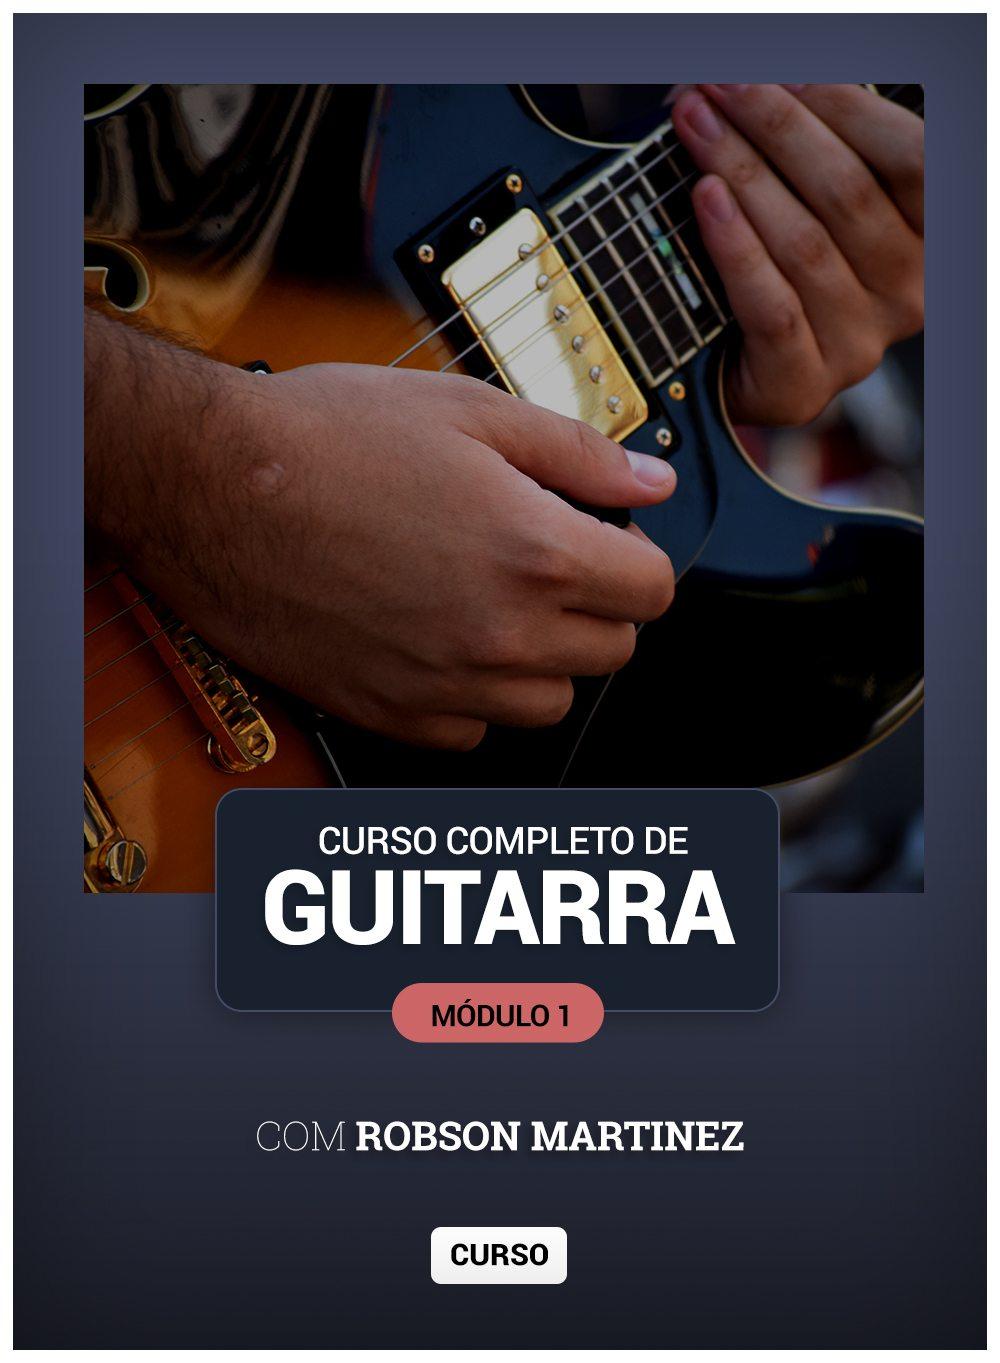 Curso de Guitarra Completo (Iniciante ao Avançado) Com Mais de 100 Vídeo Aulas - Music Clan